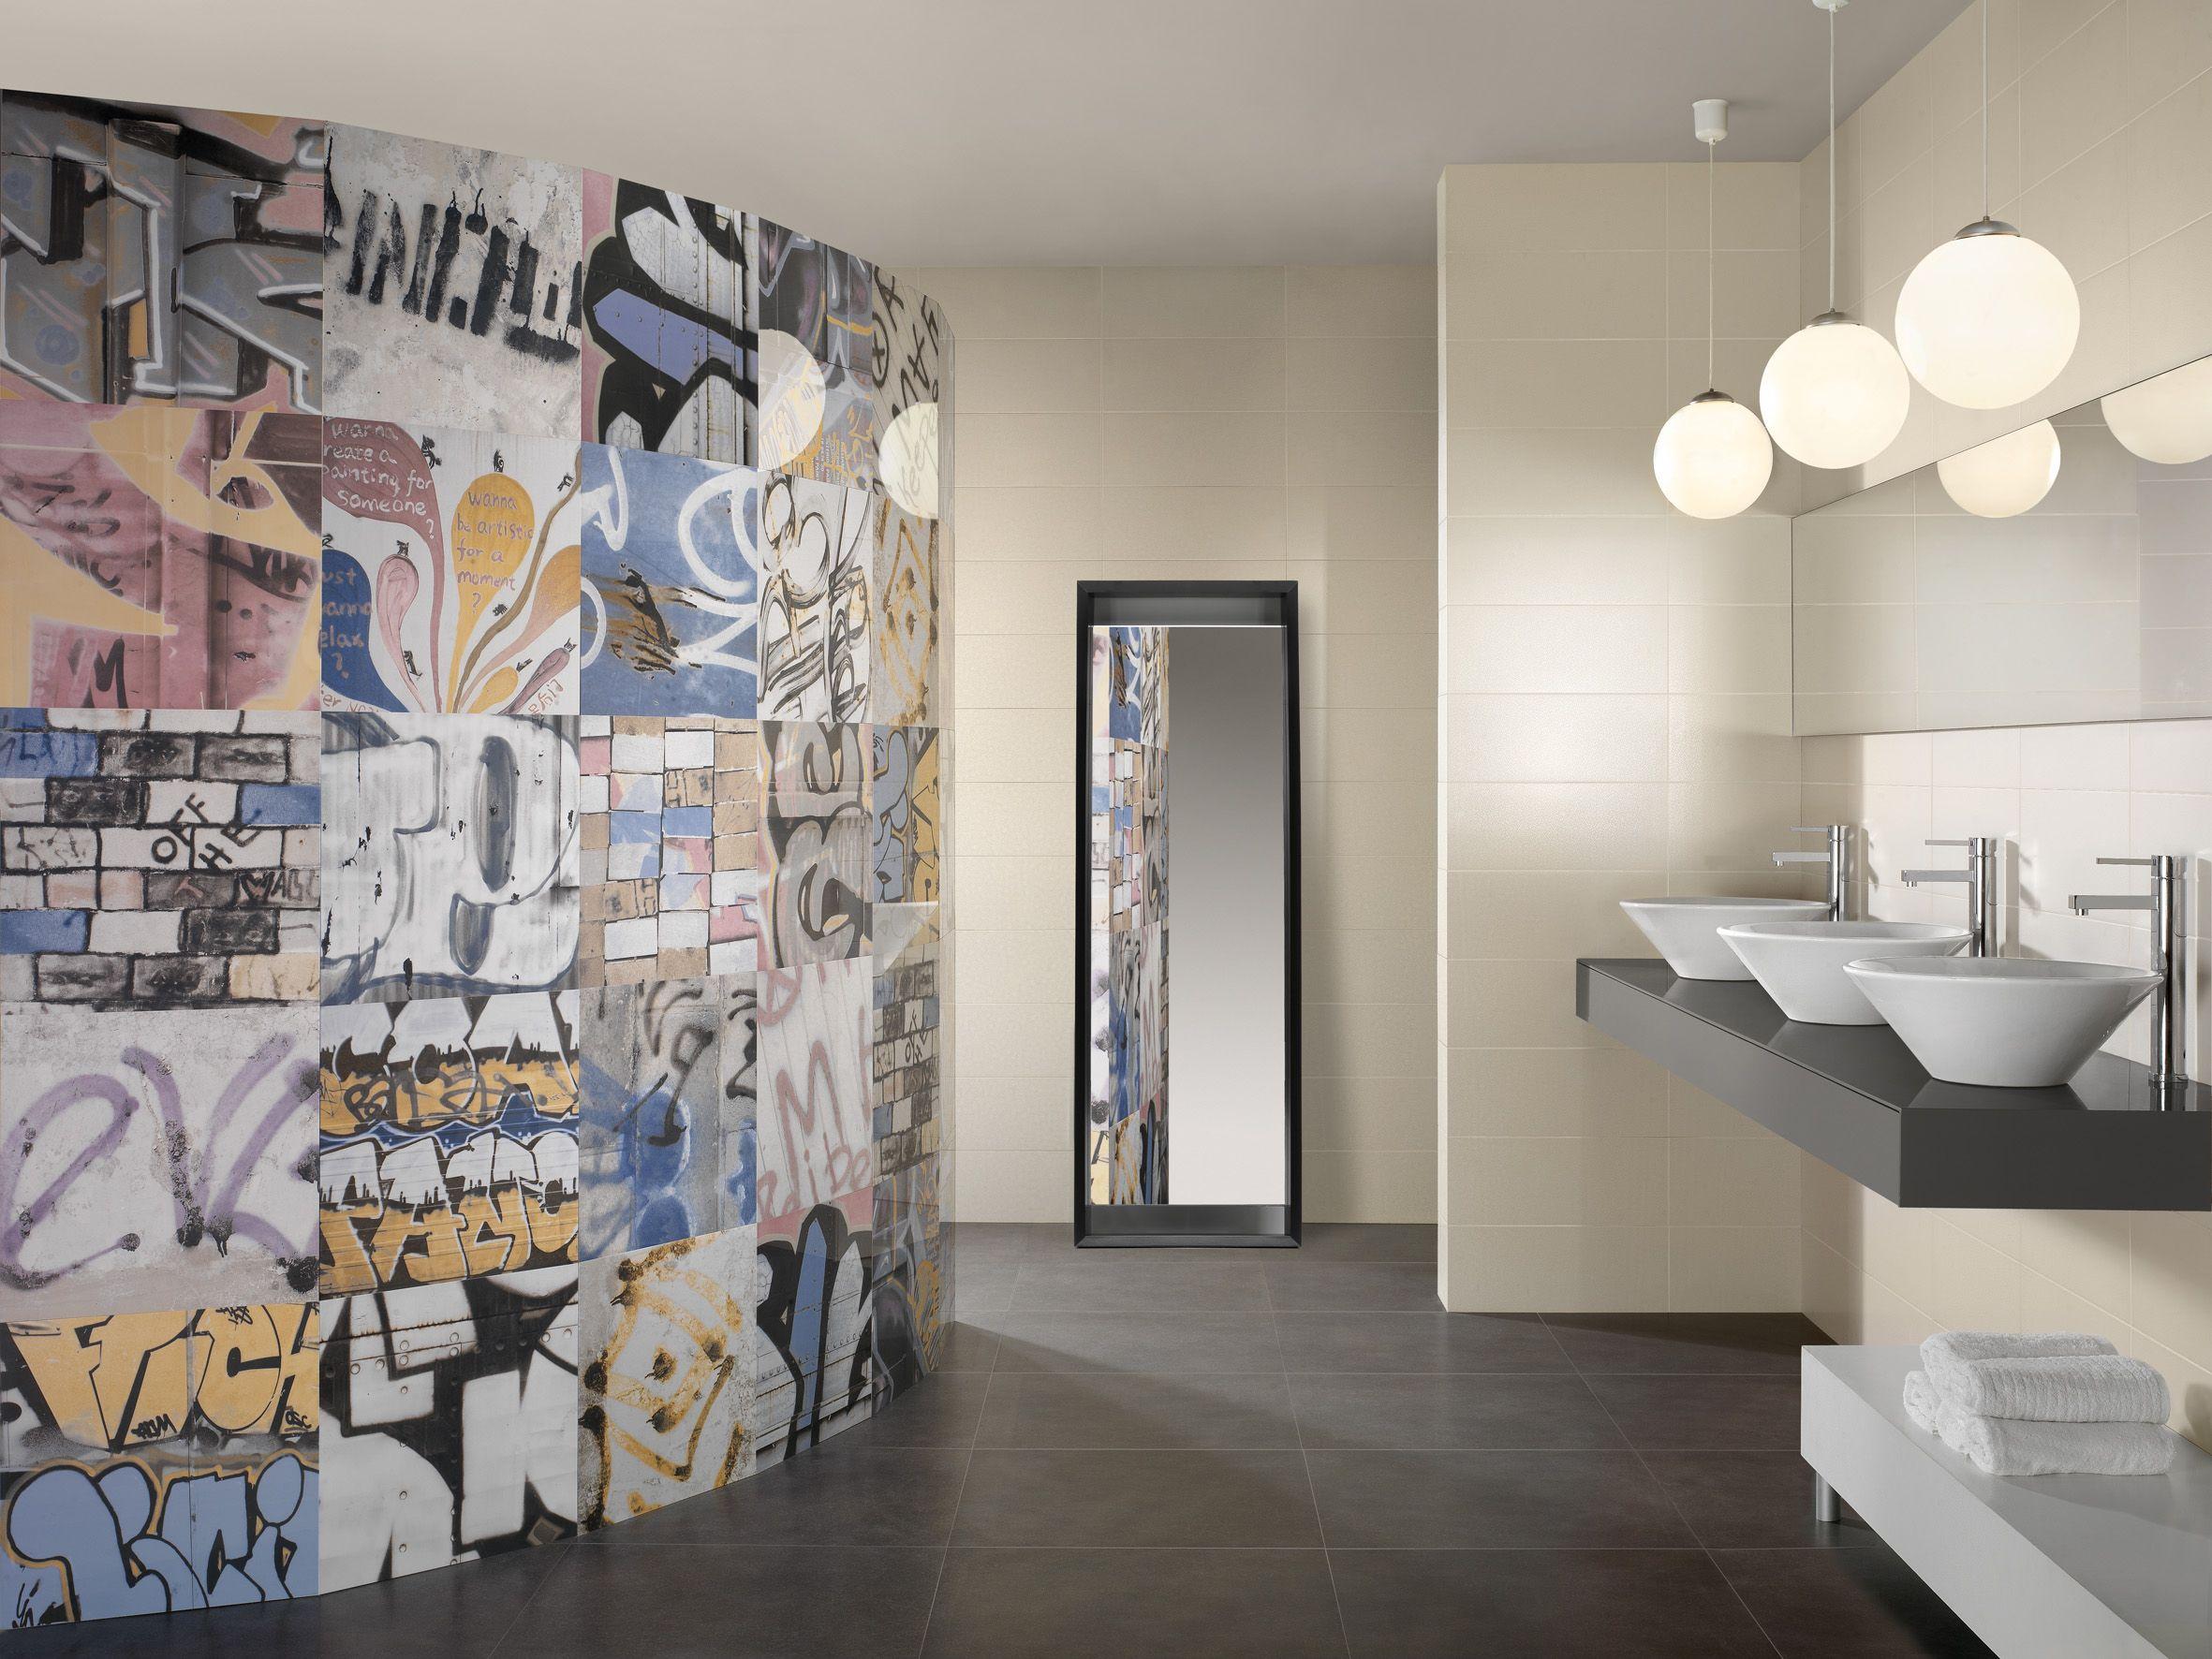 Street Art Graffiti Bathroom Tile From Beaumont Tiles